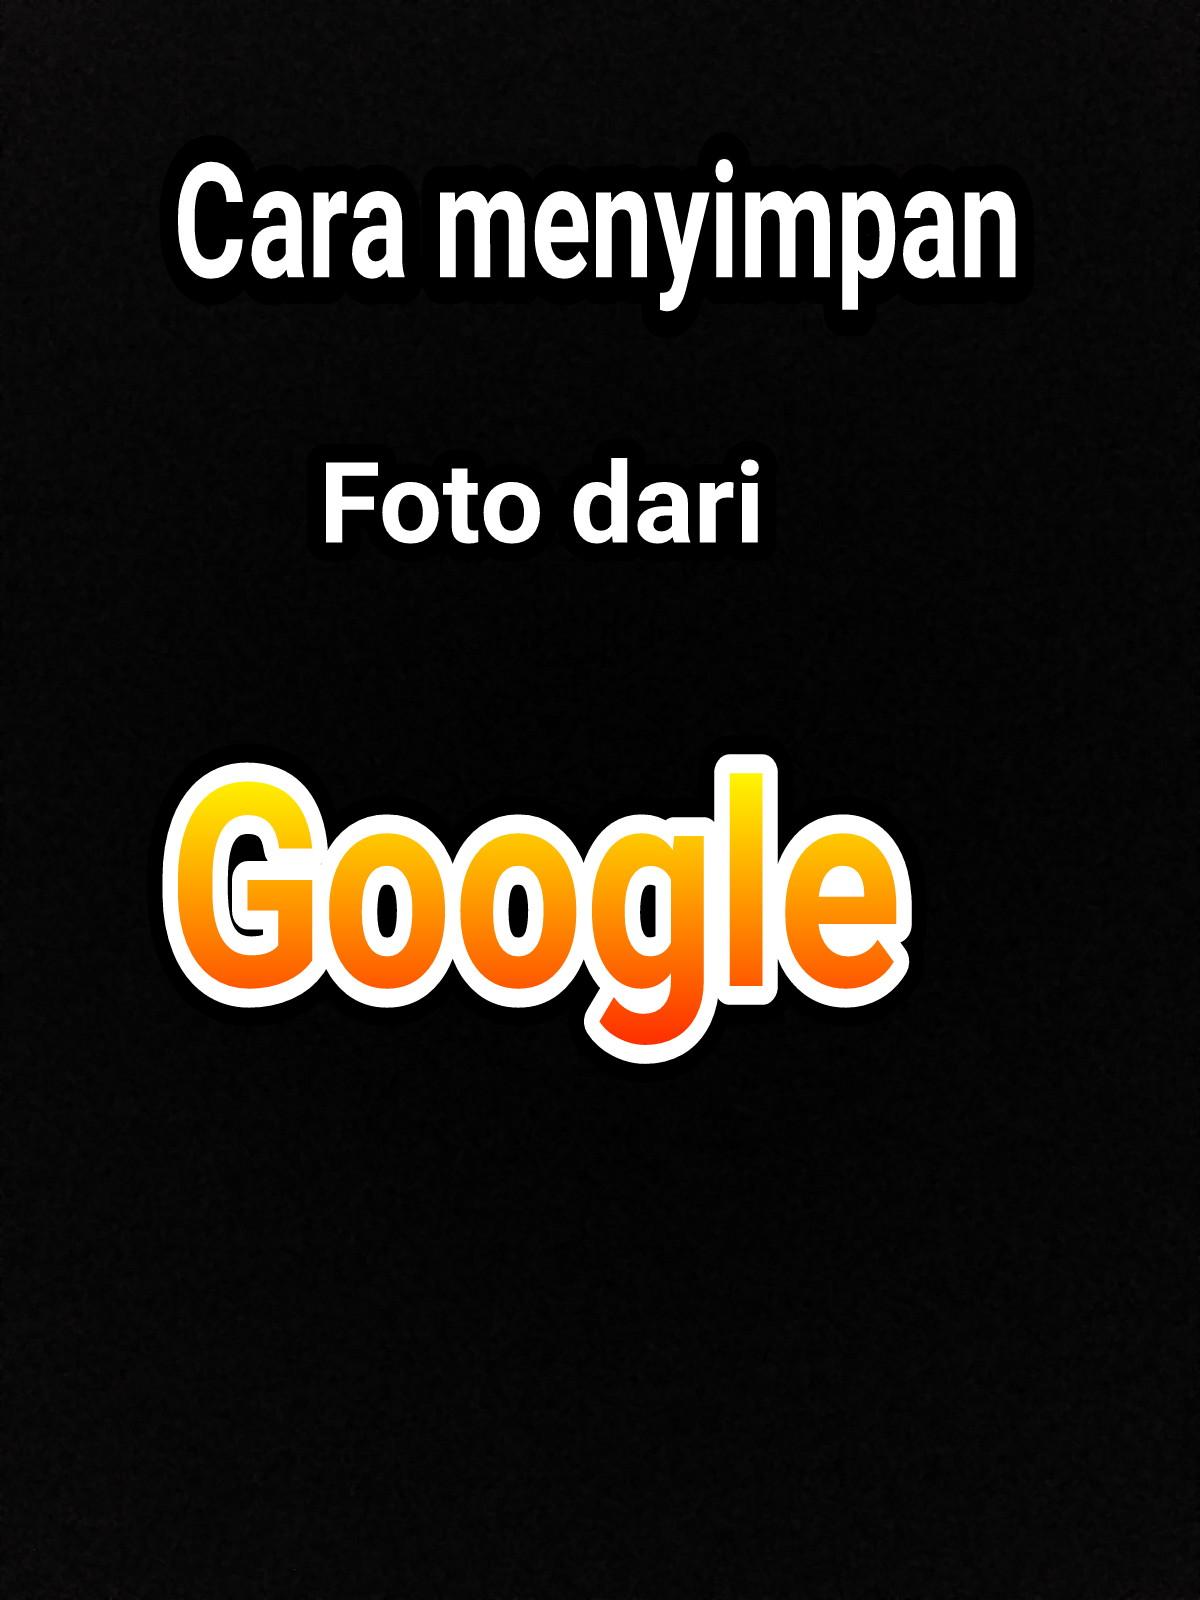 Cara Menyimpan Foto Dari Google Ke Galeri Hp Android Lewat Chrome Tioalvino